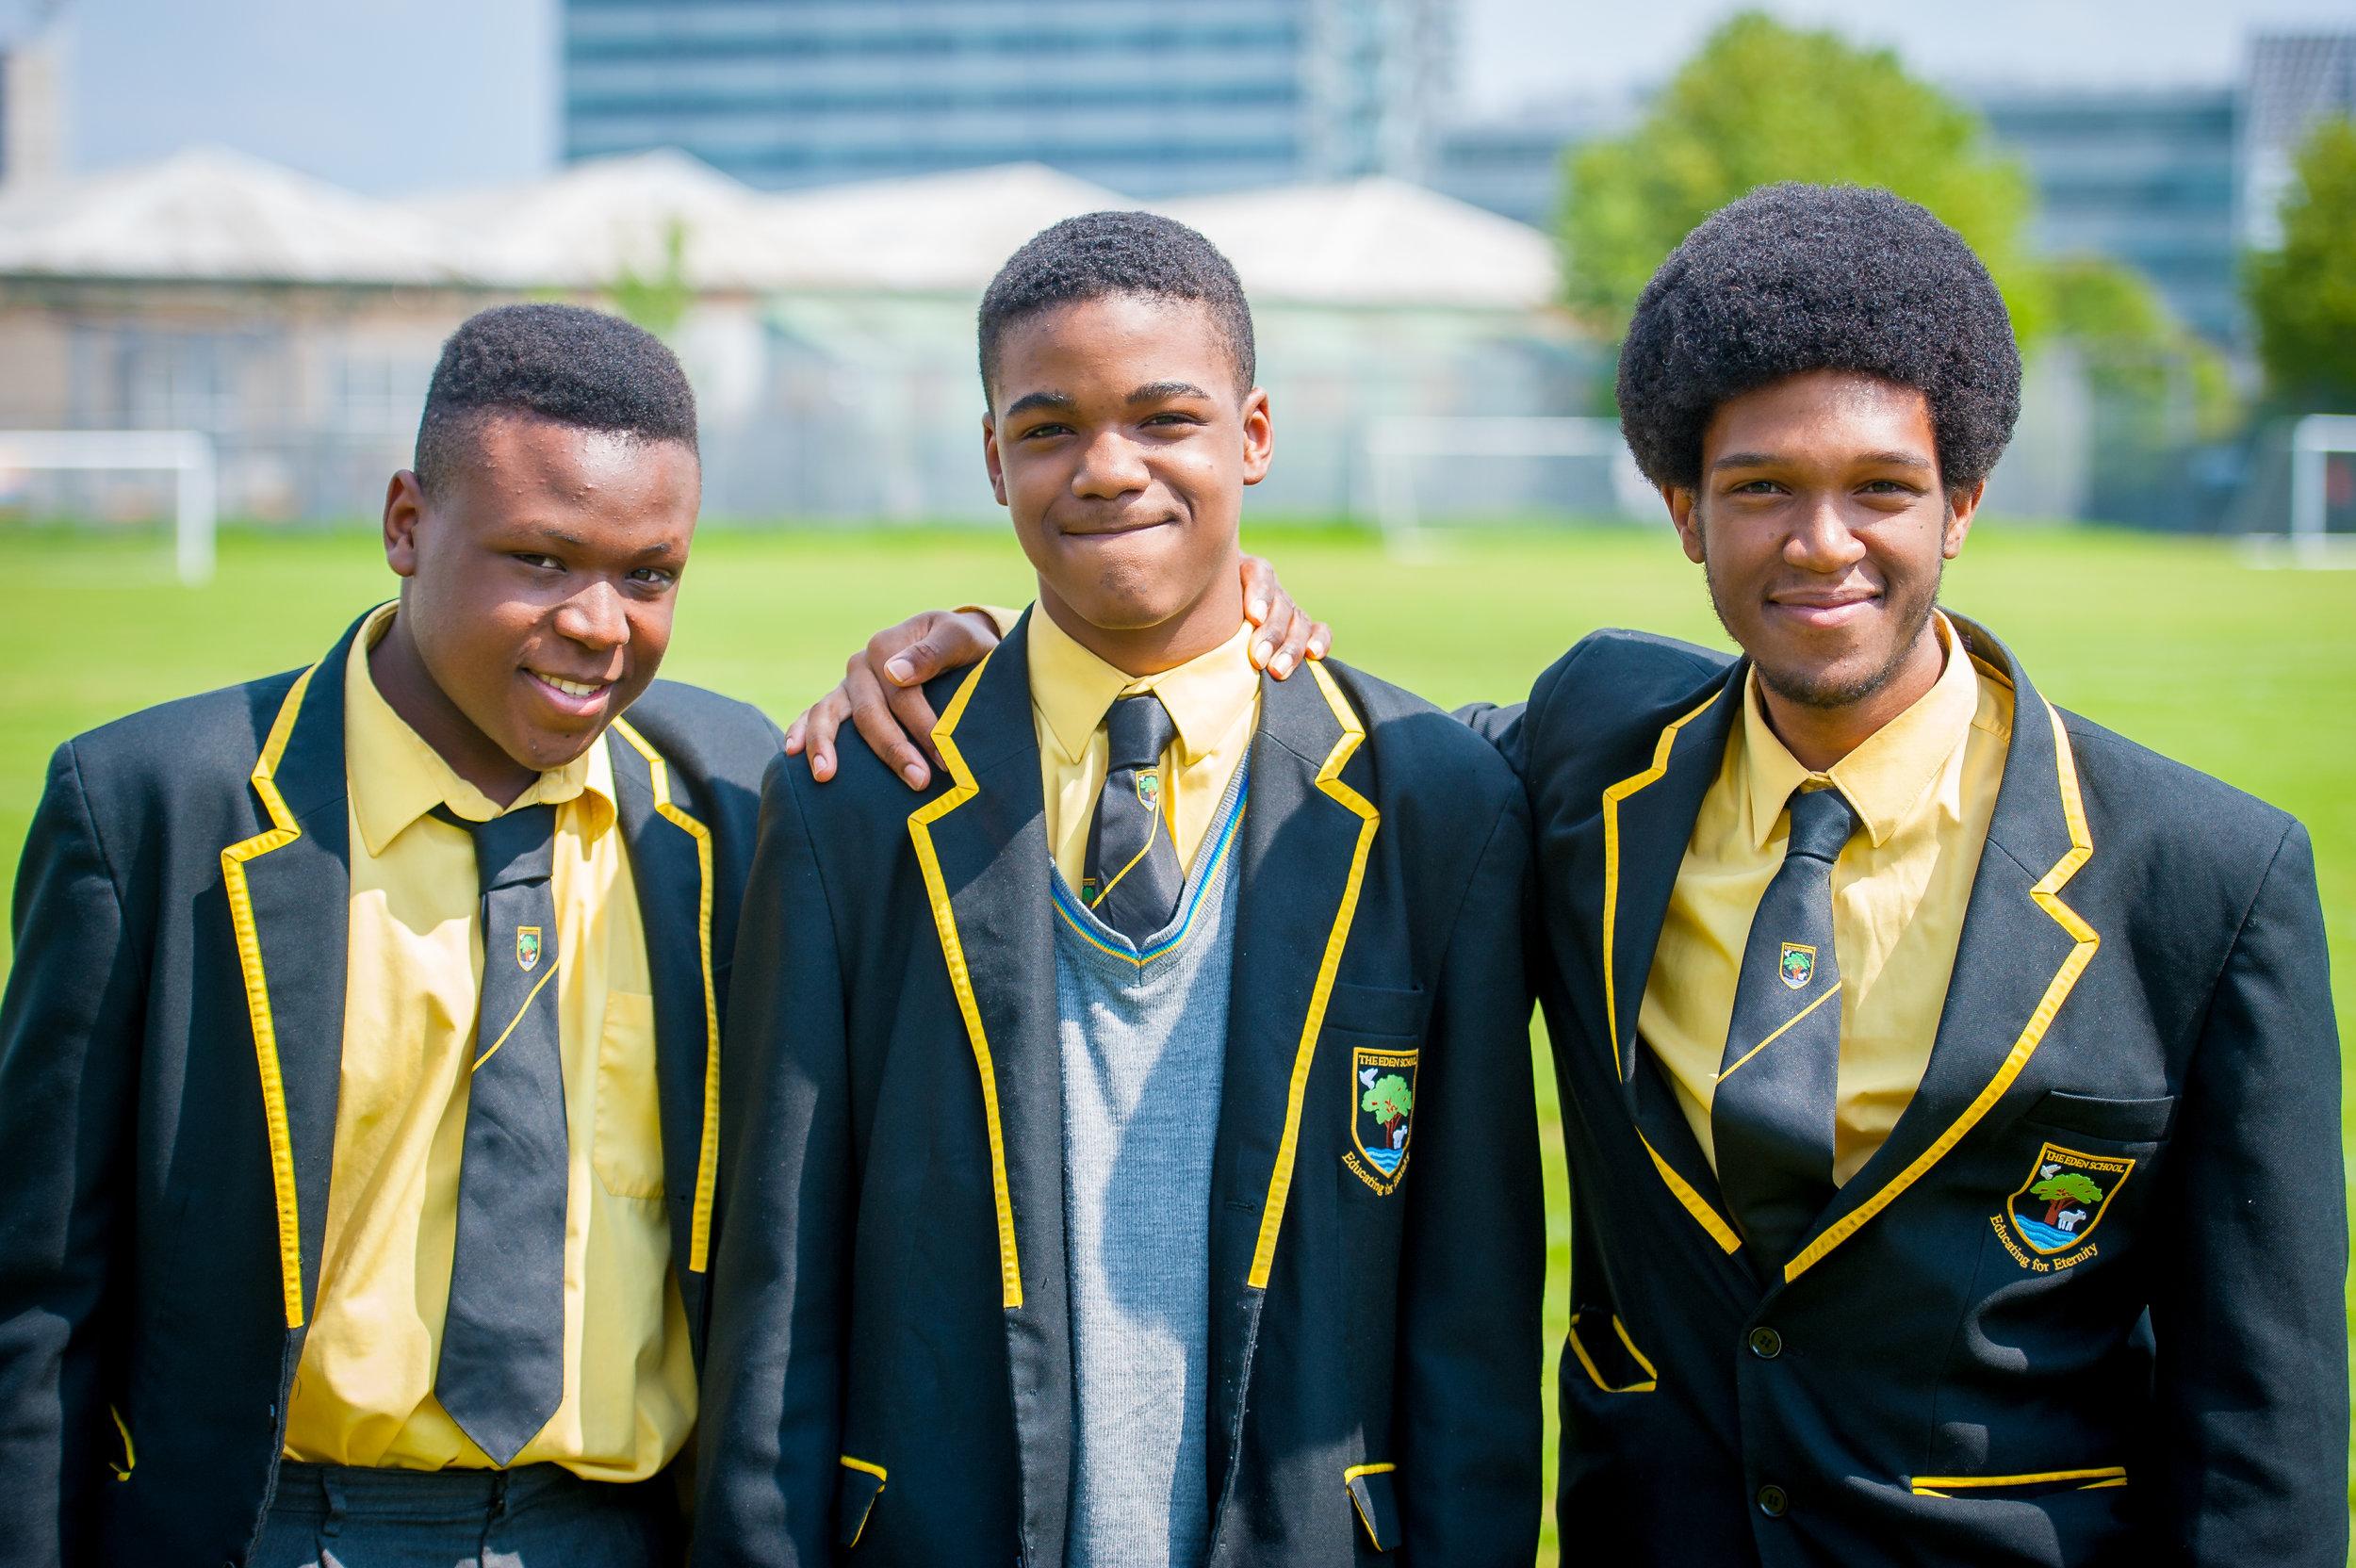 Eden School Photoshoot-226.jpg